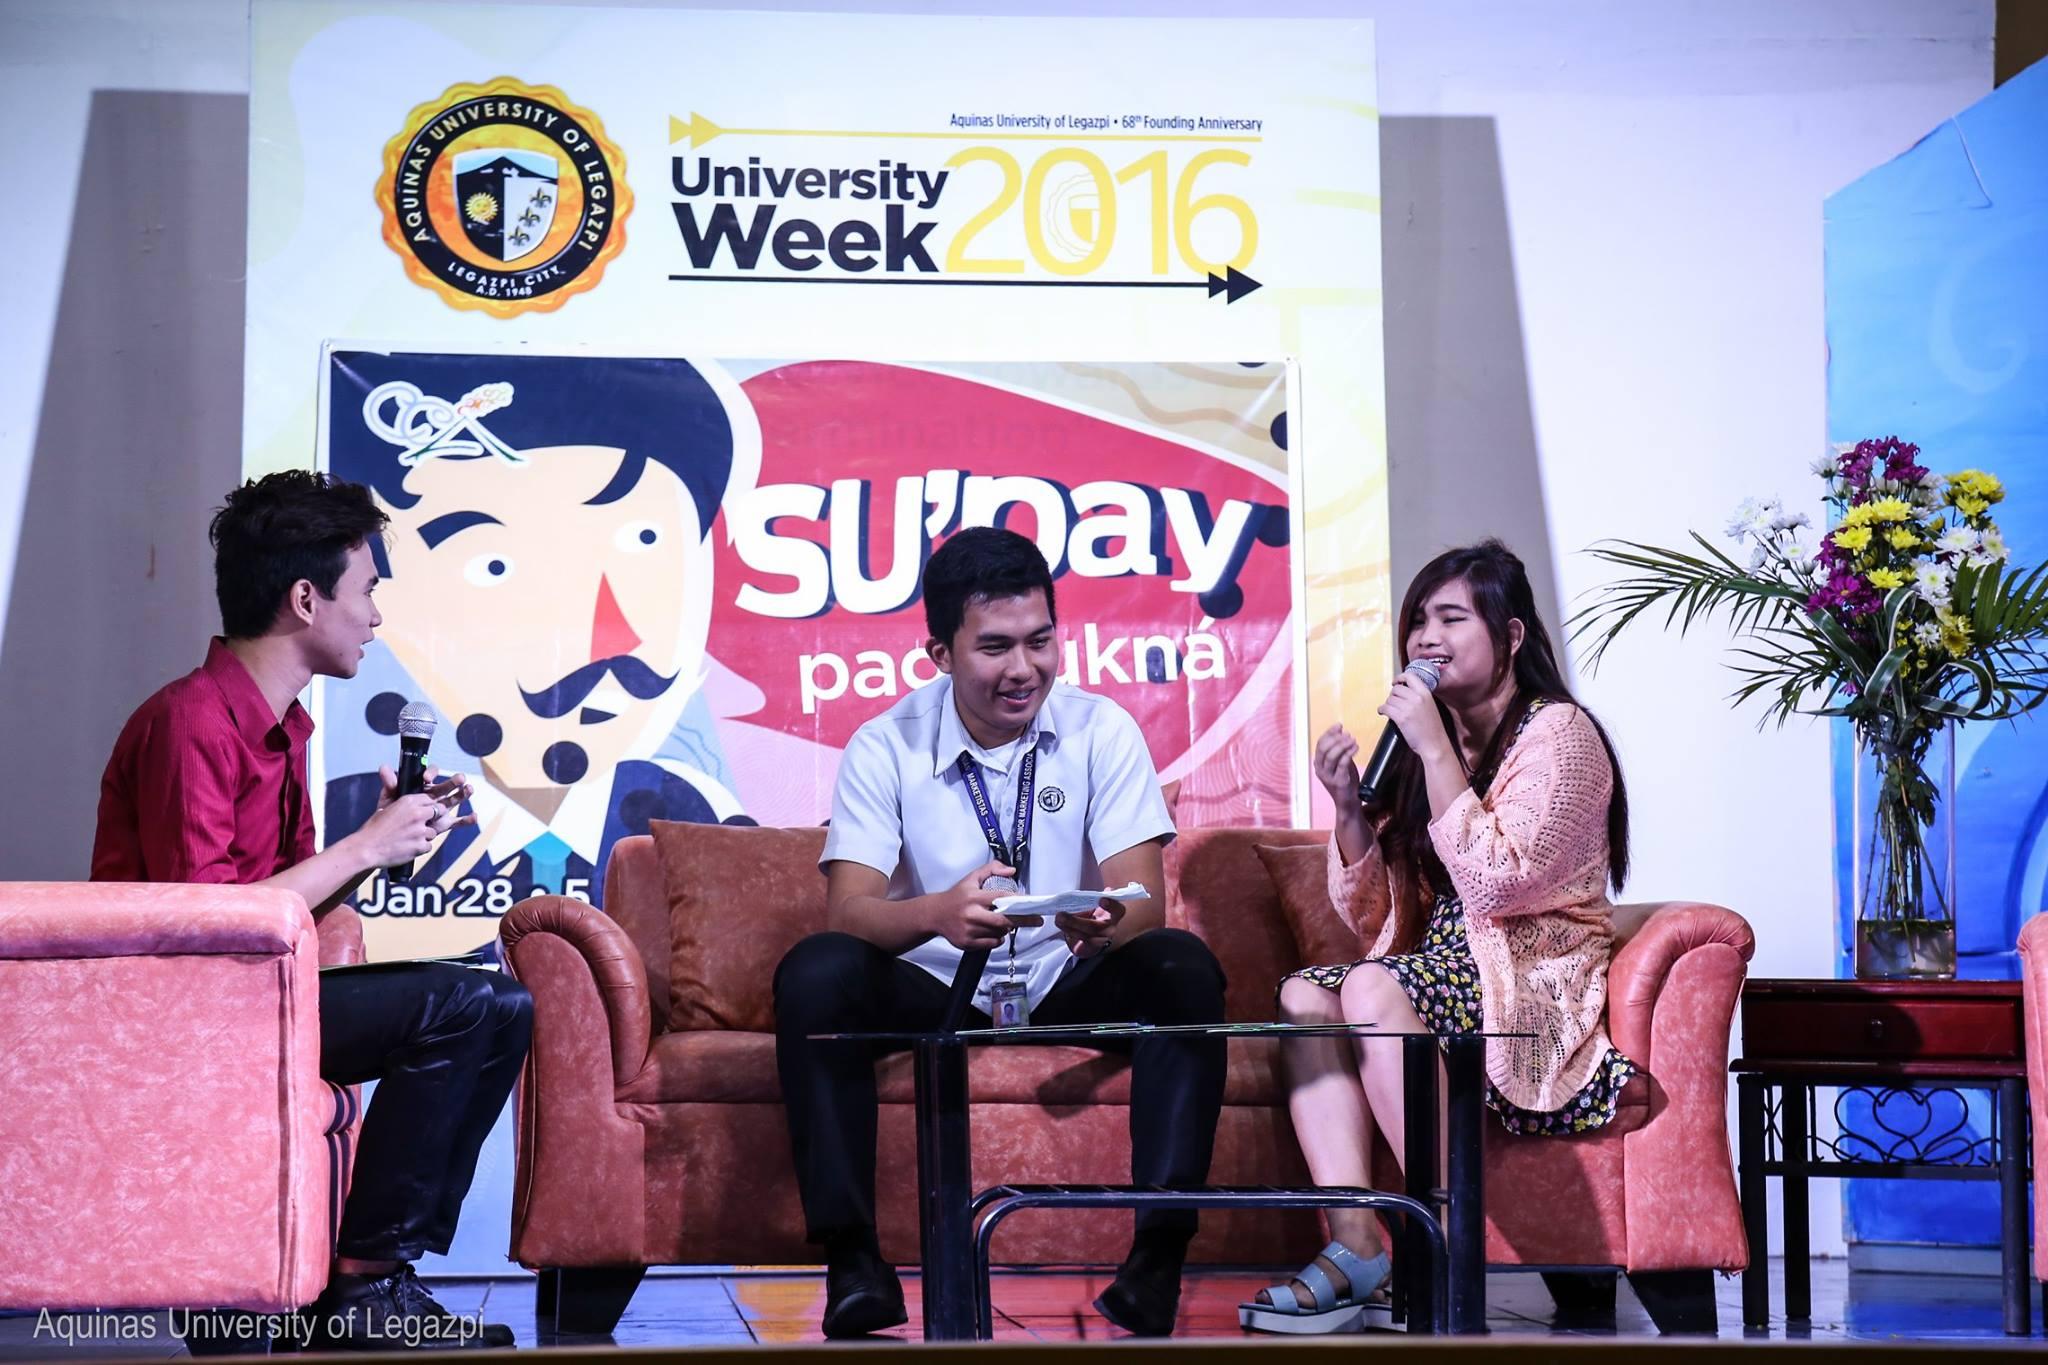 UWEEK 2016: Supay